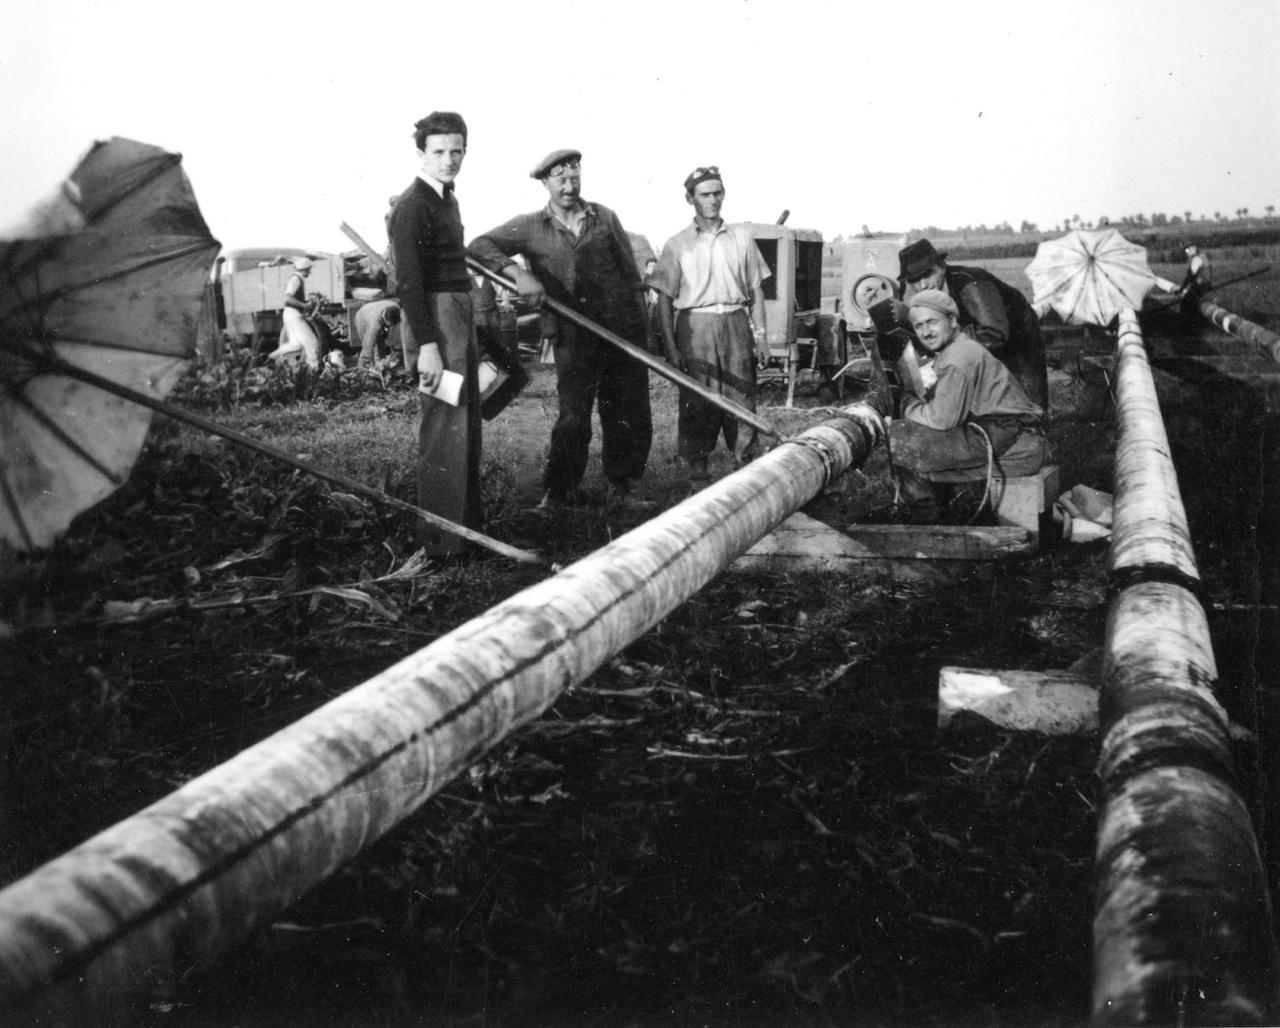 """A zalai 8 colos kőolajvezeték építése: csőhegesztés.  A magyar gyártmányú acélcsőből készült """"zalai 8 colos"""" vezeték az 1941-es átadását követő években 5 európai rekordot mondhatott magáénak. A leghosszabb szénhidrogén-vezeték volt (250 kilométer), saját szellemi forrásból katódvédelemmel látták el, Európában elsőként oldották meg a kőolaj és földgáz szakaszos célba juttatását az ún. """"dugós szállítással"""", teljes hosszában biztosított volt a belső tisztítás (görényezés), és légkábeles hírközléssel is rendelkezett."""